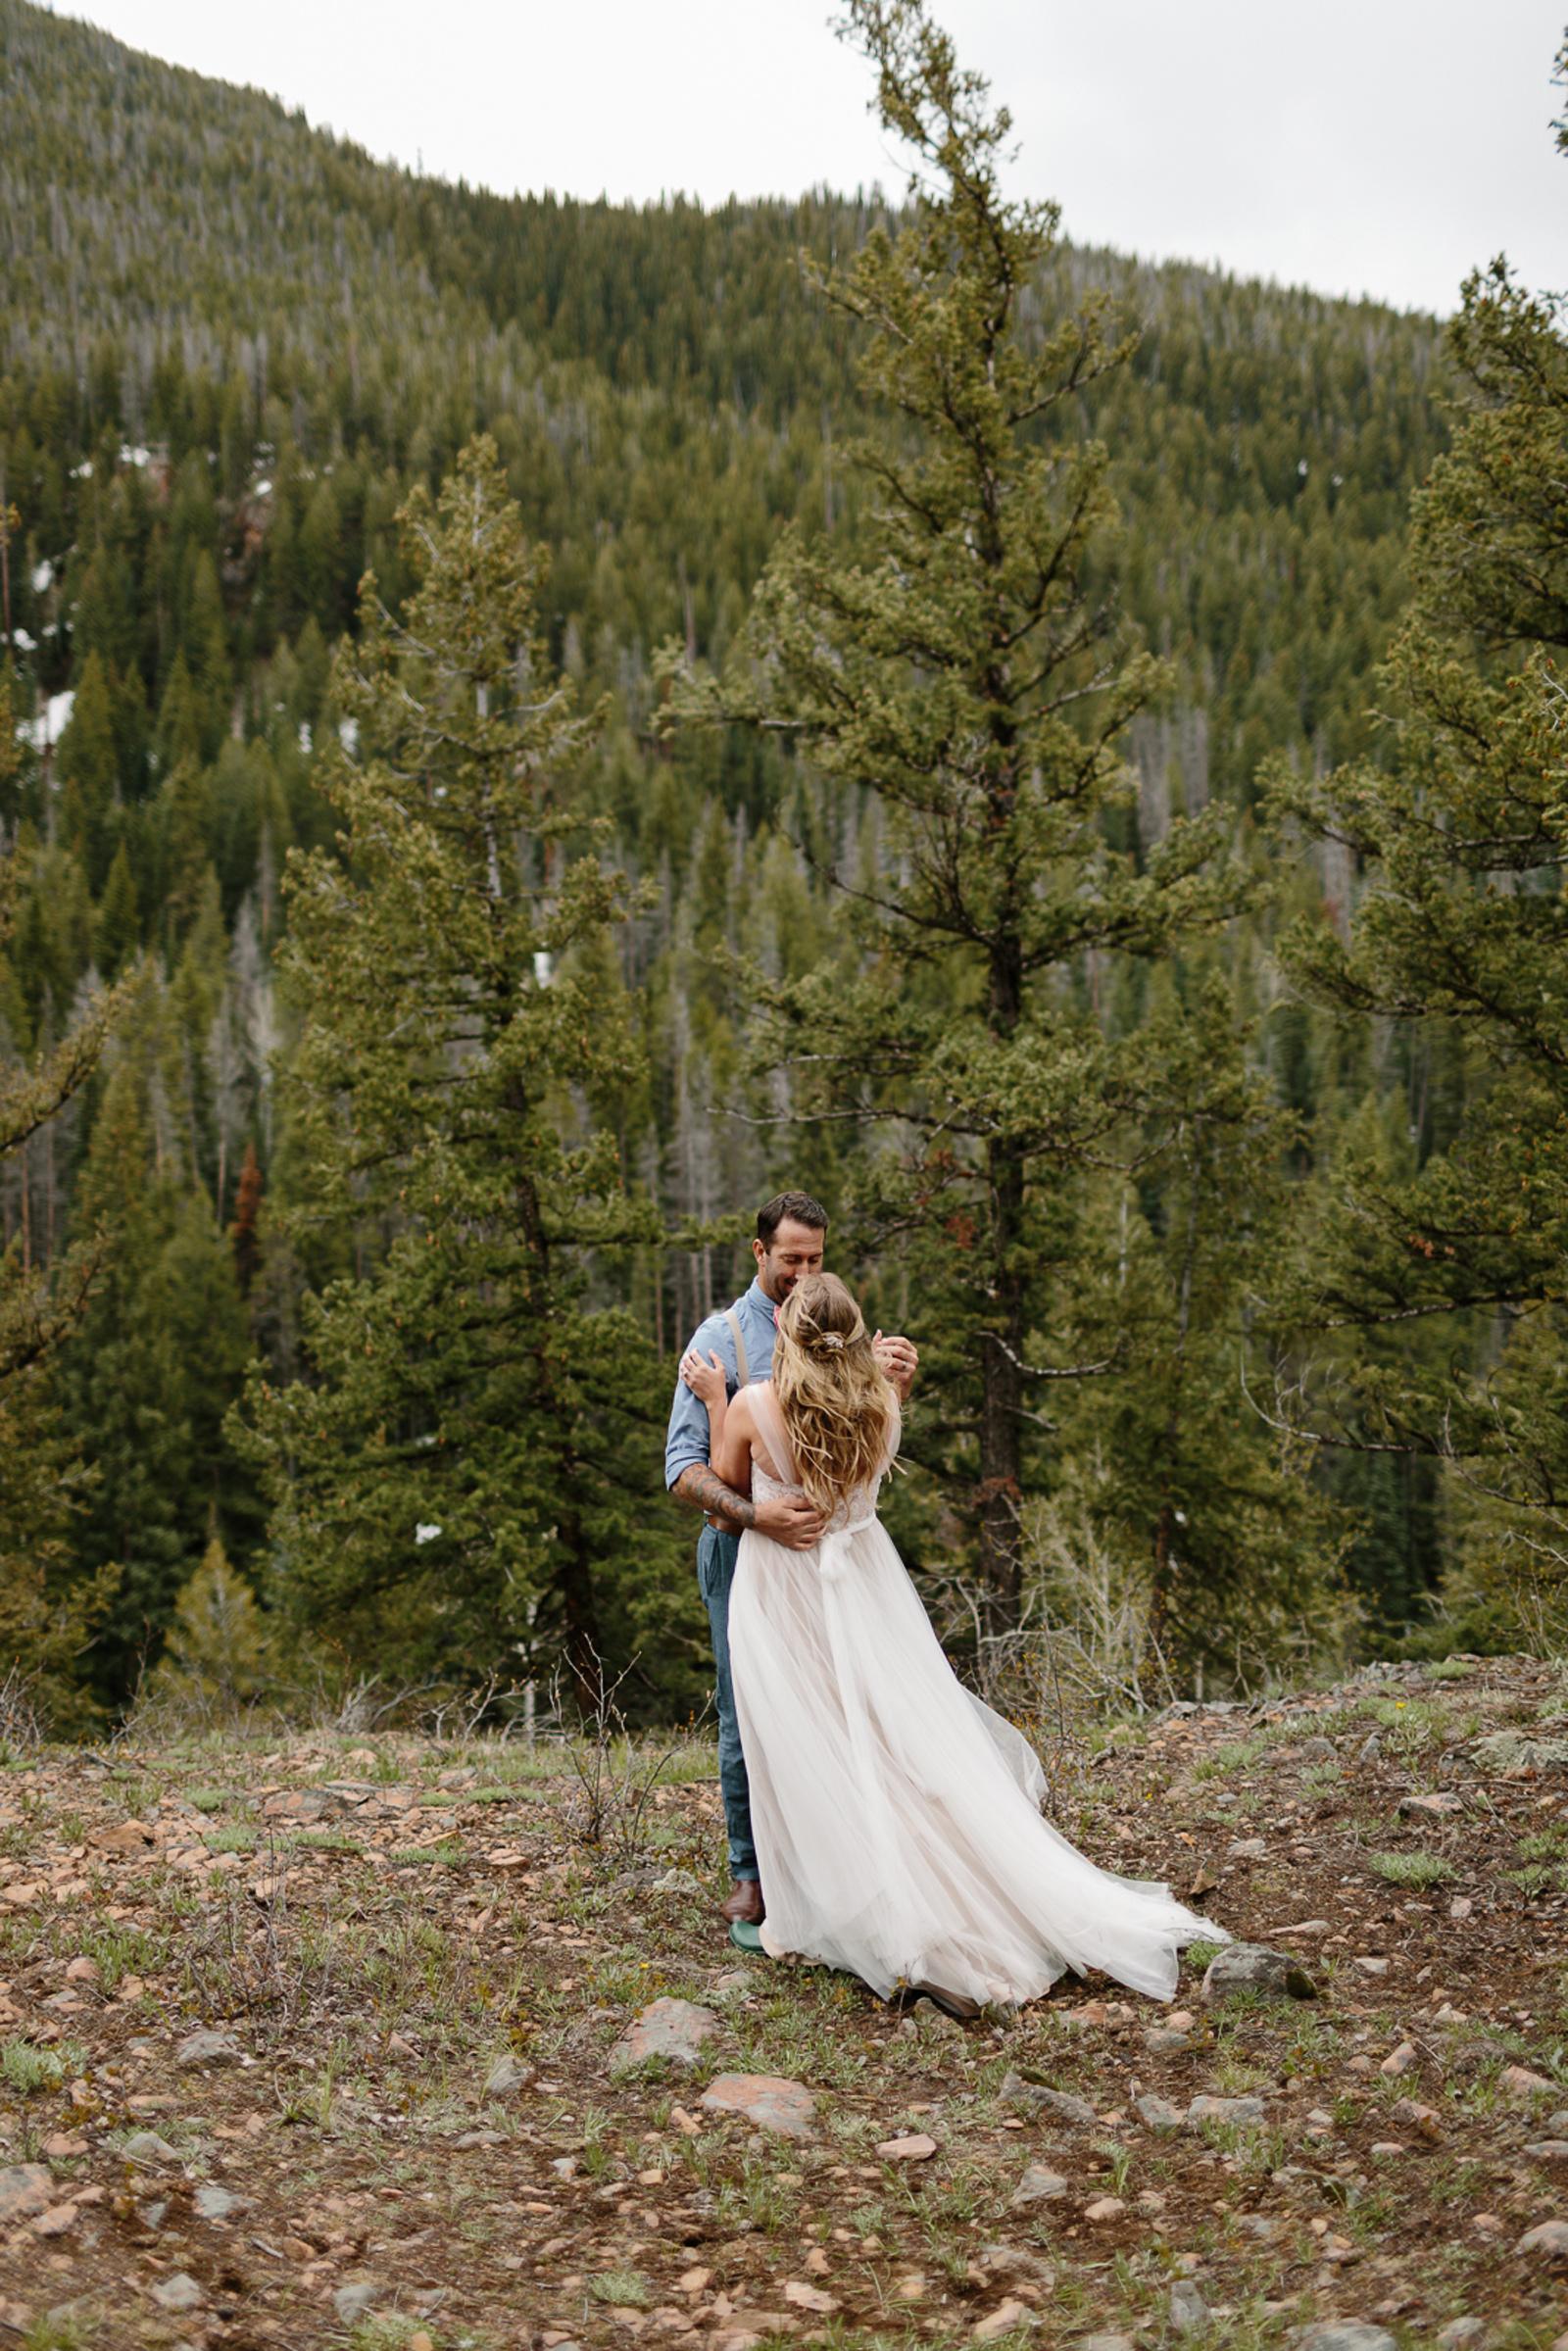 049-vail-elopement-photographer-chris-and-tara.jpg